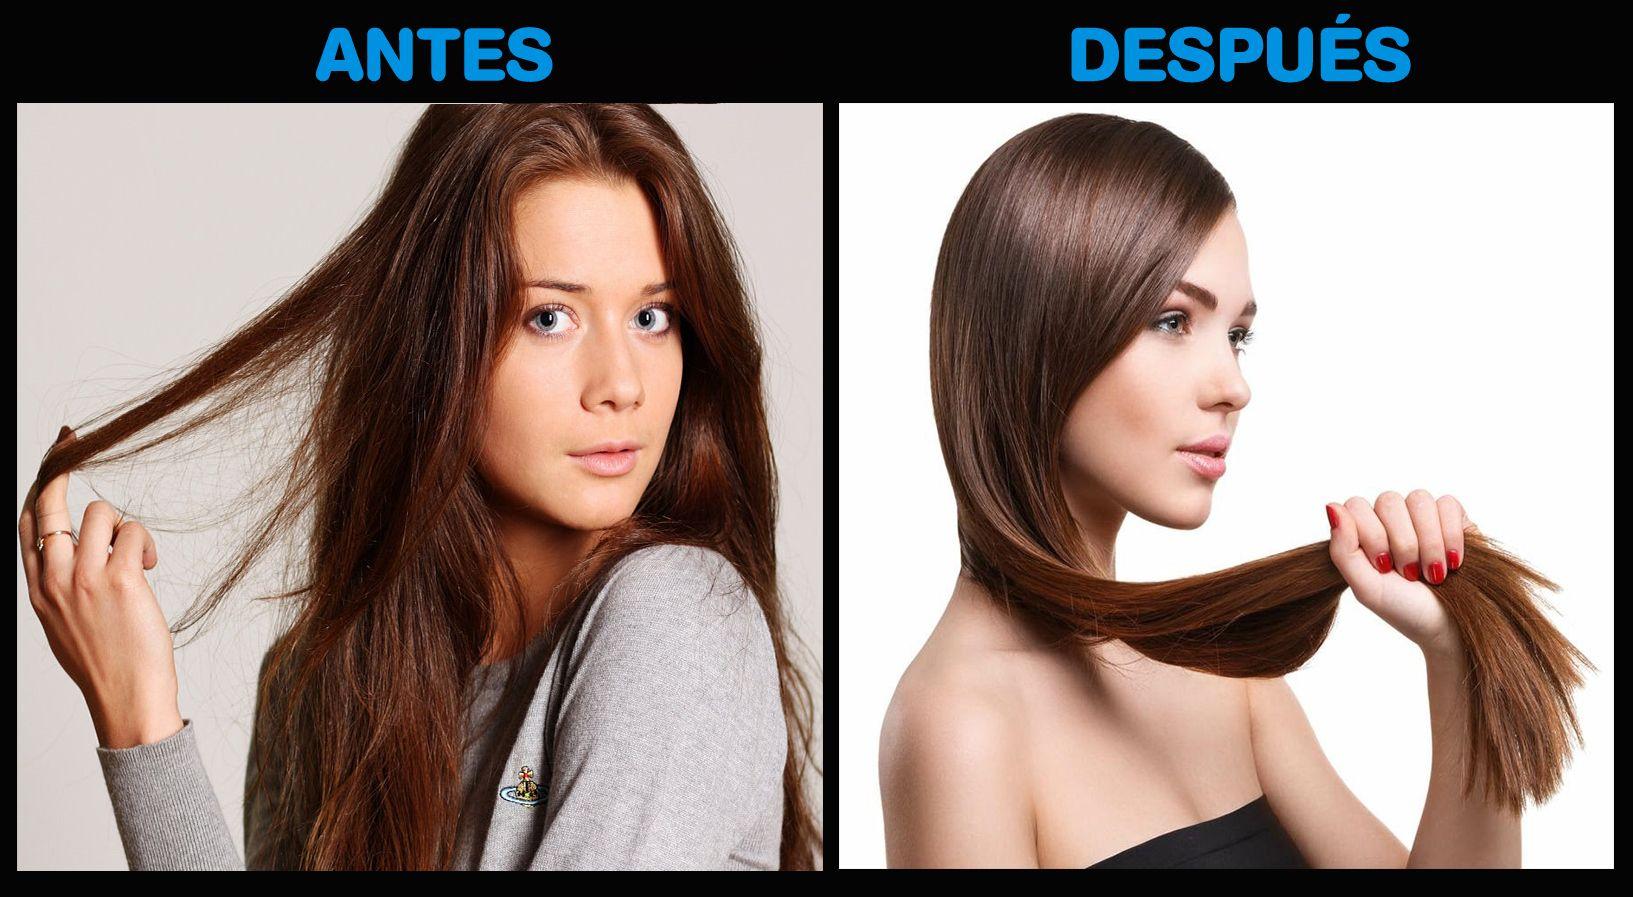 saldar peor Inspirar  Beneficios del vinagre de manzana para el cabello | Manzanilla para el  cabello, Beneficios del vinagre de manzana, Tratamiento casero para el  cabello